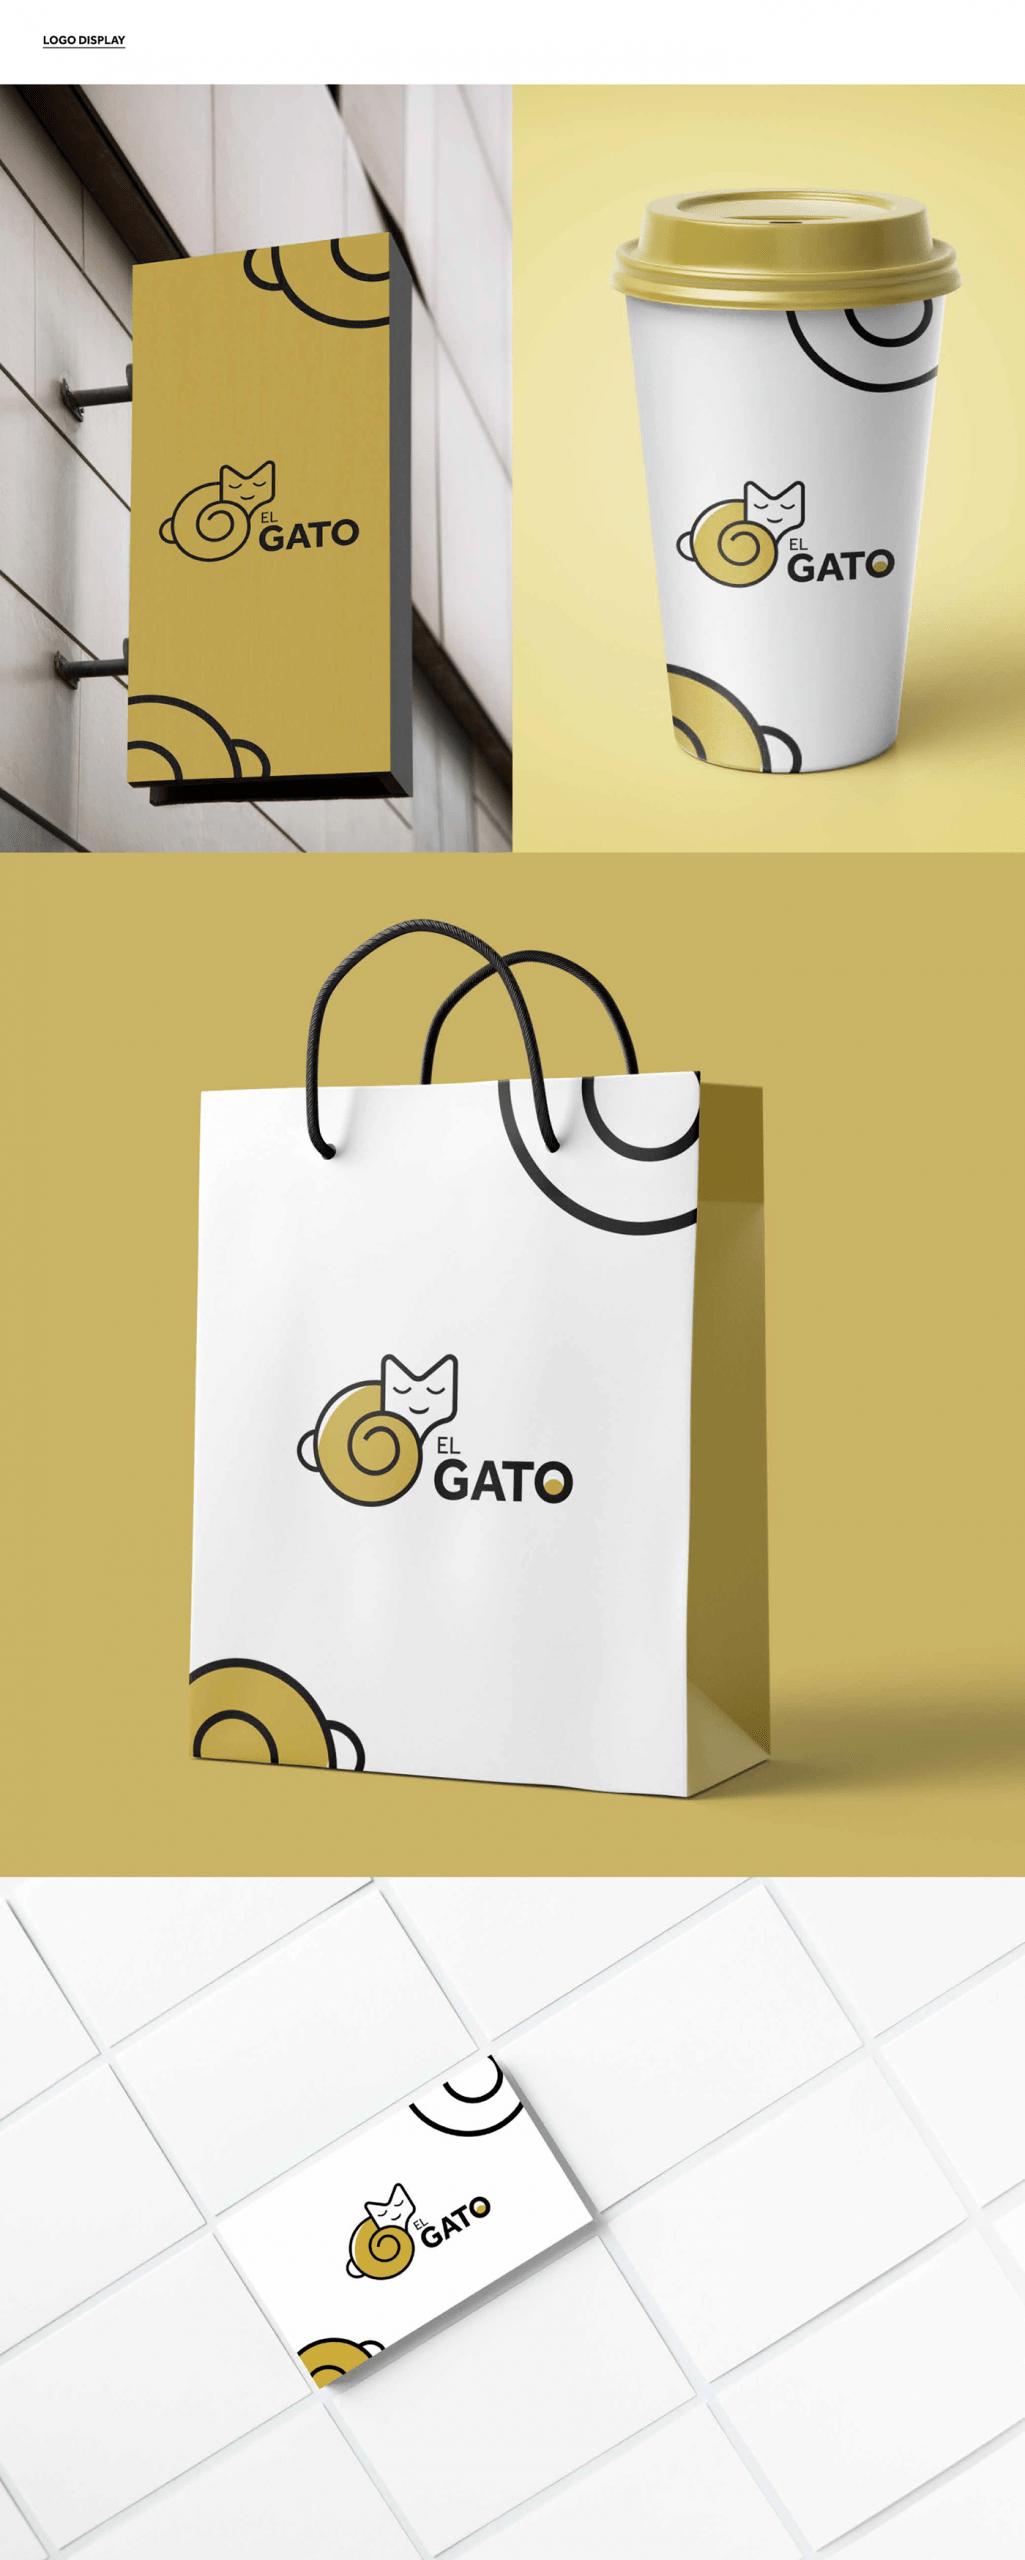 elgato - logo design